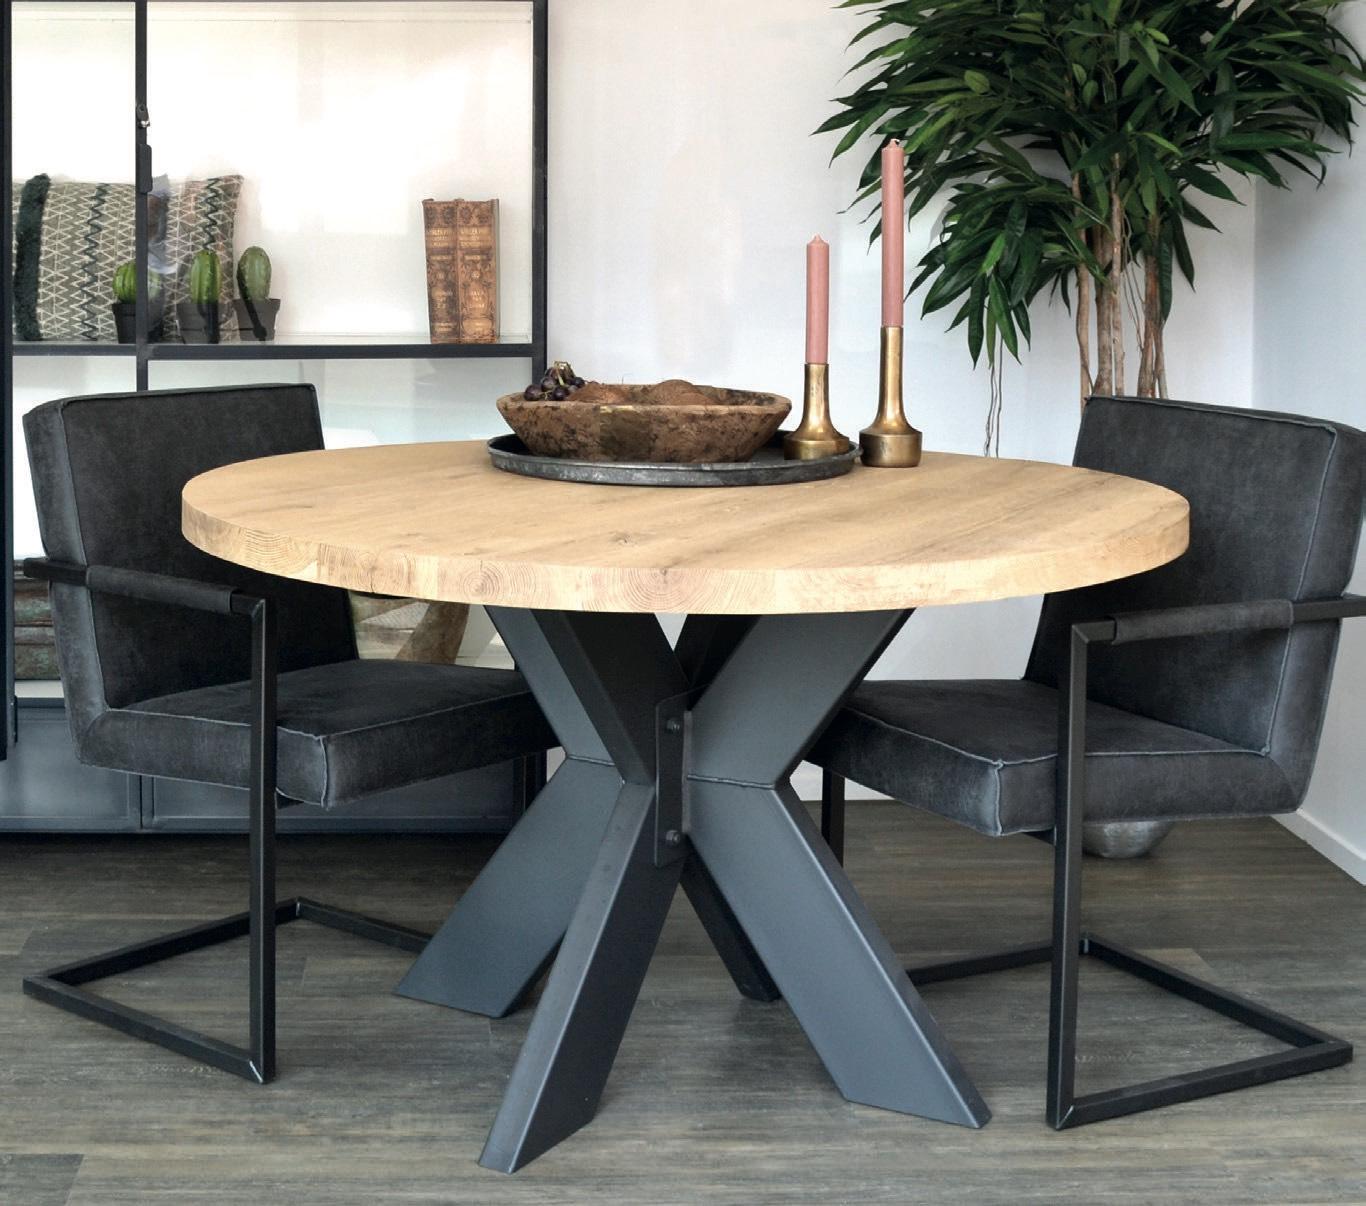 Eiche Tischplatte - Old Style Rund mit gerader Kante